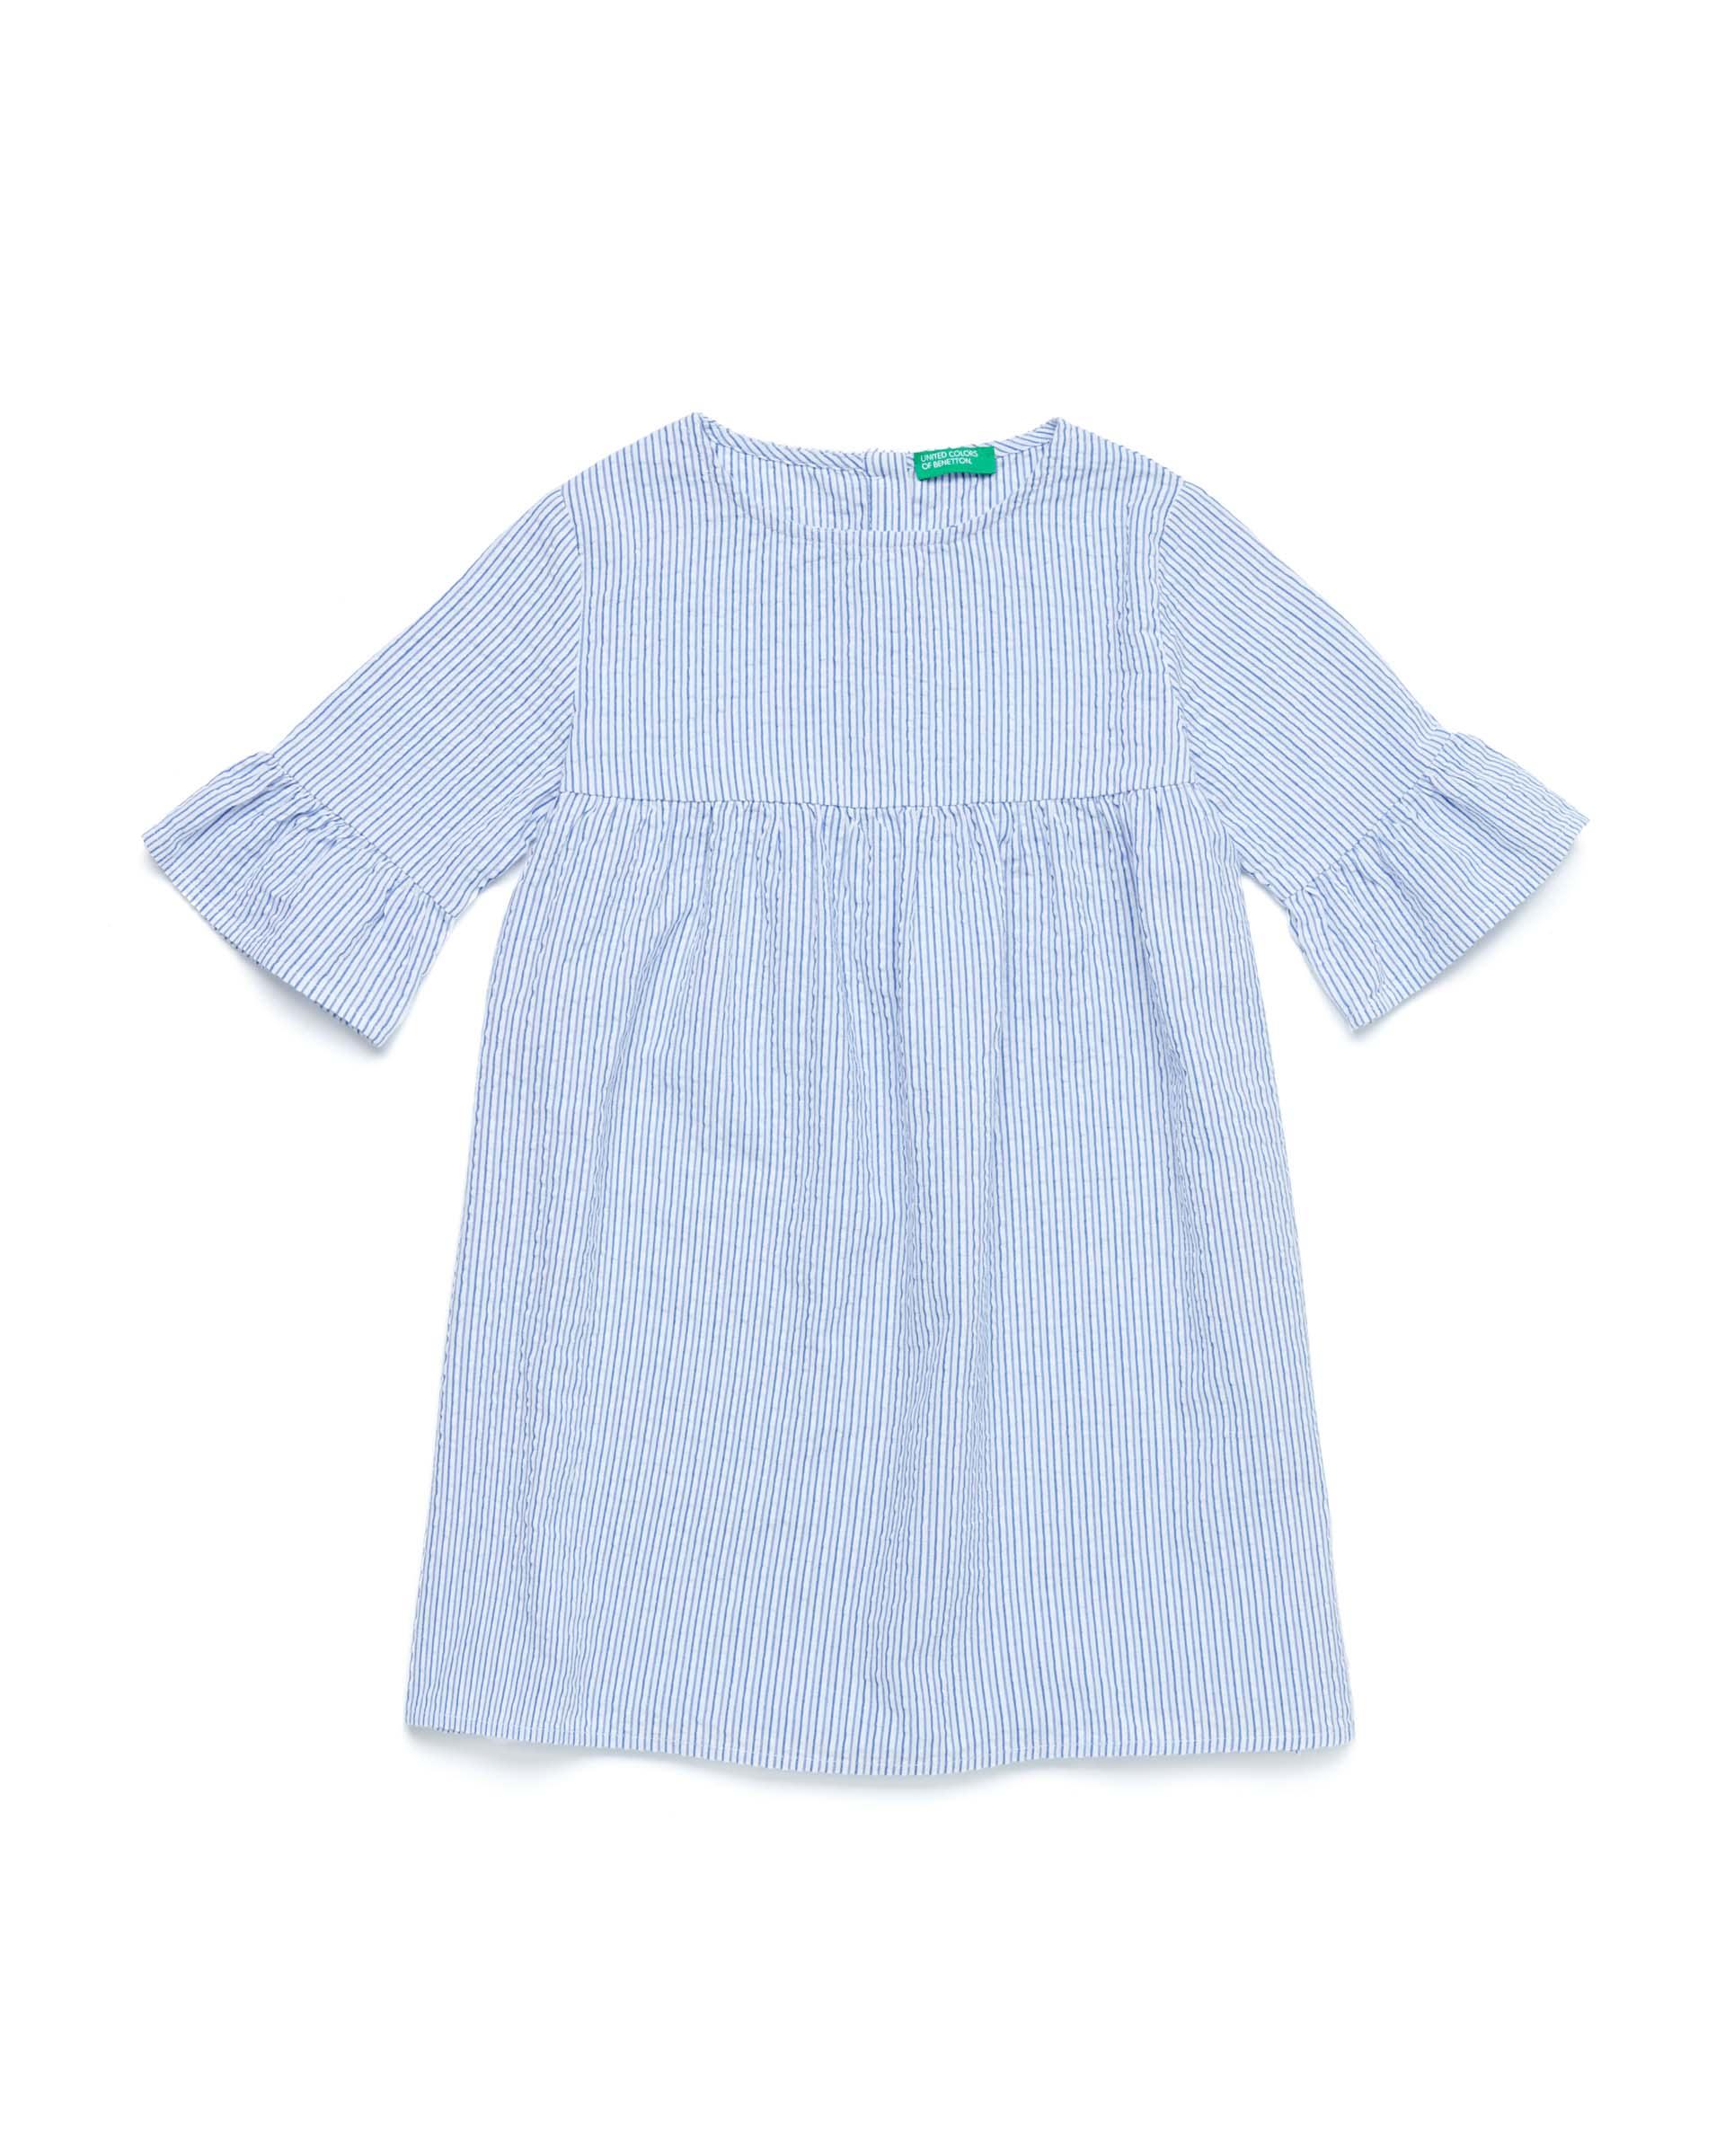 Купить 20P_4OV05VDI0_901, Платье для девочек Benetton 4OV05VDI0_901 р-р 152, United Colors of Benetton, Платья для девочек